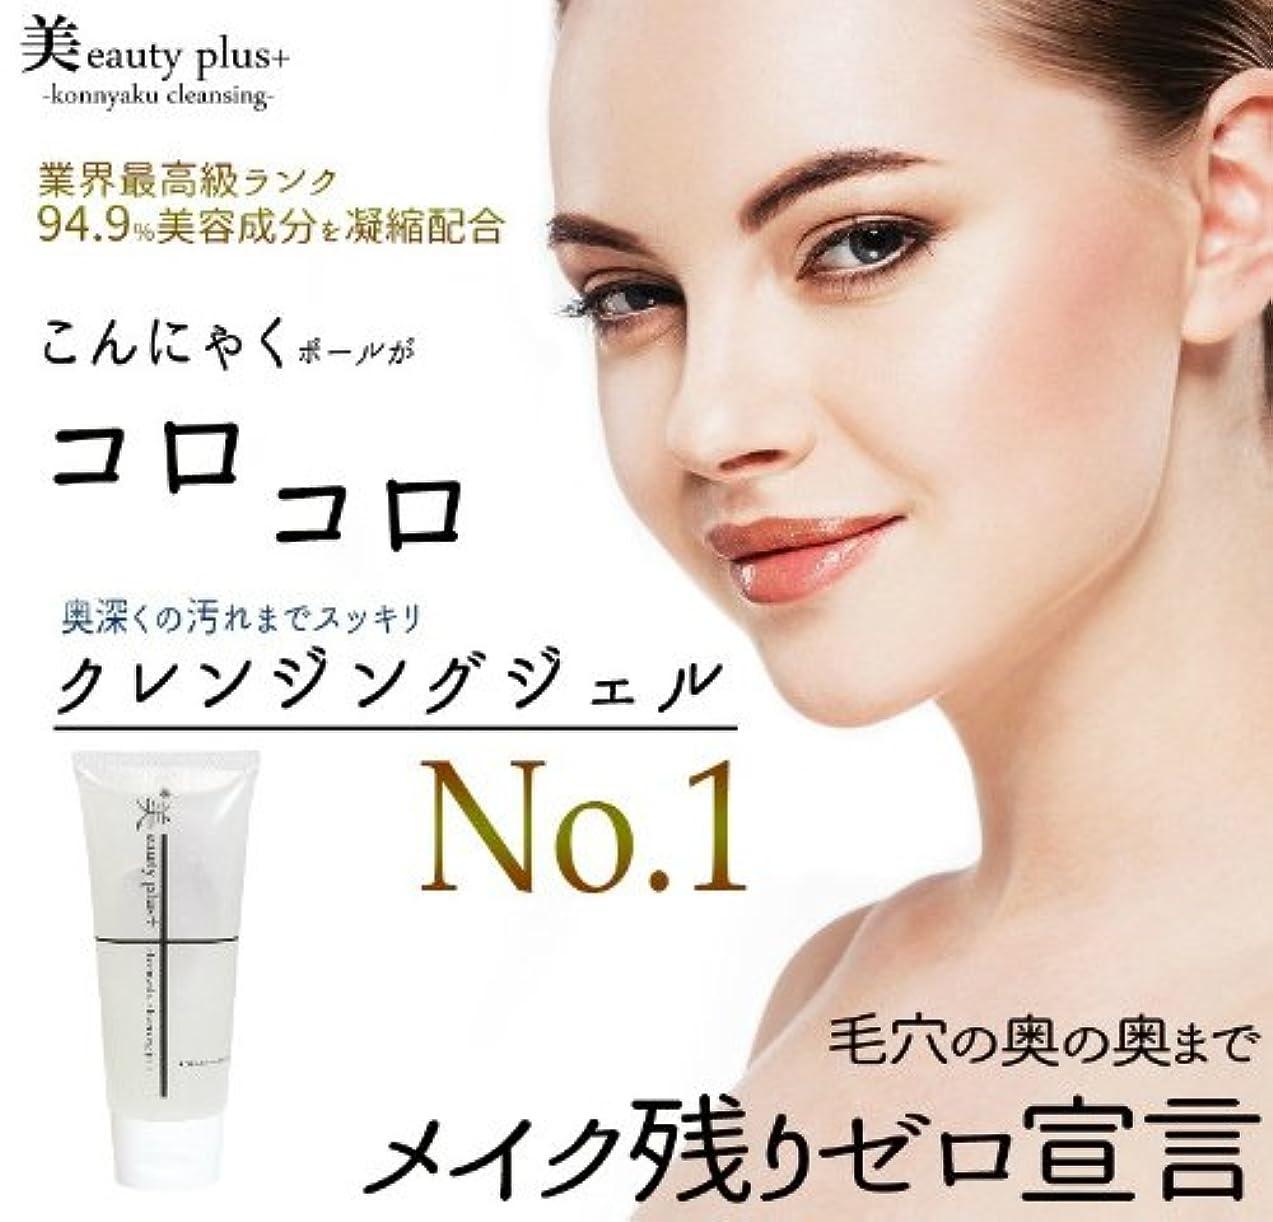 アセンブリに対応ノミネート美eauty Plus+ Konnyaku Cleansing Jel